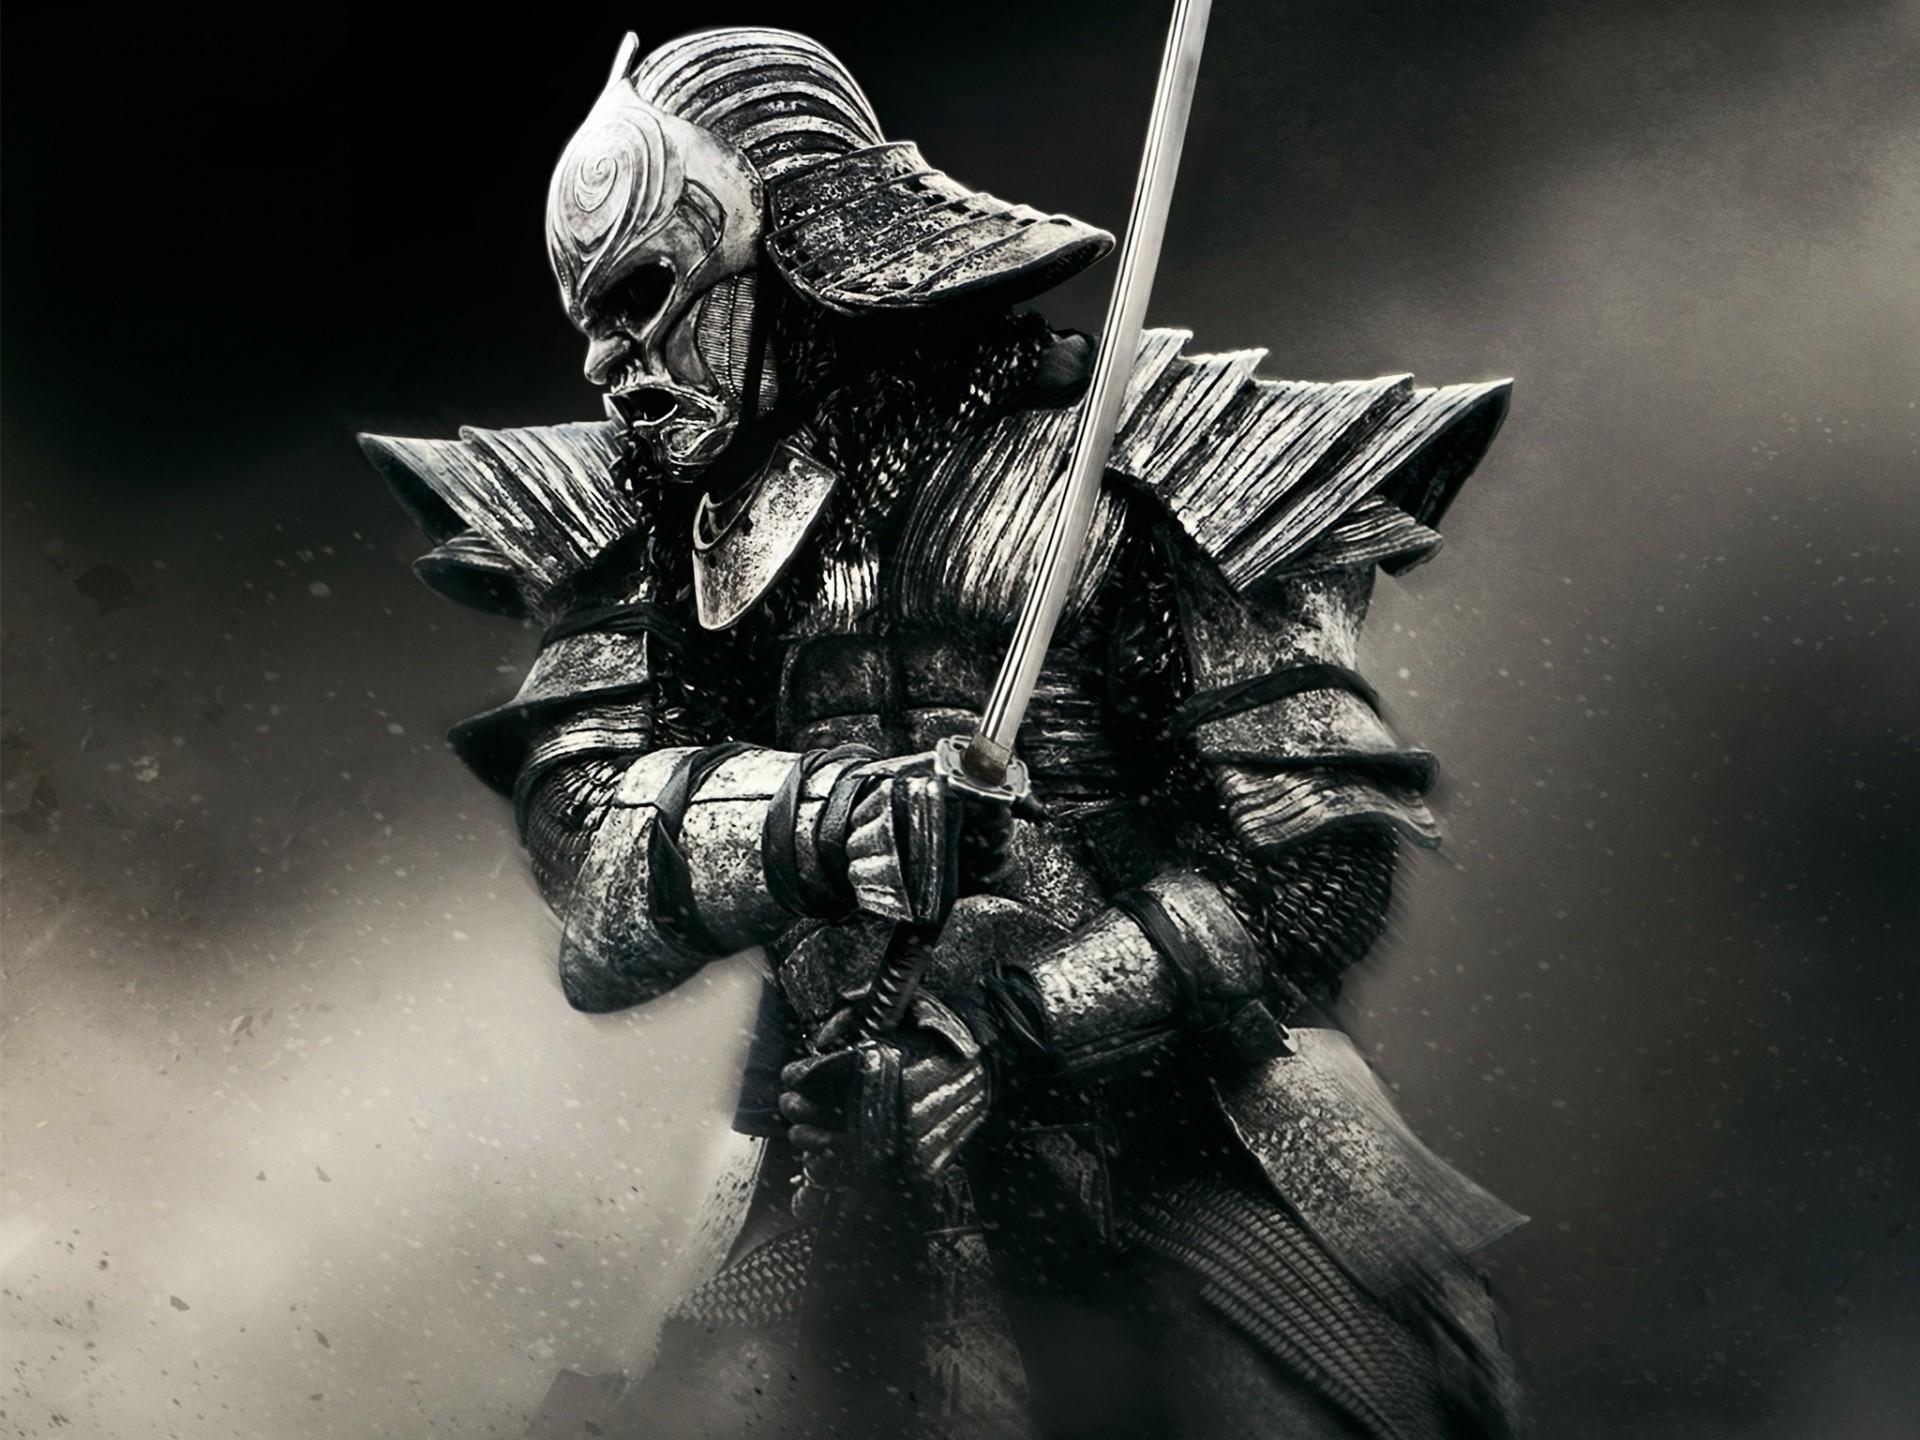 Gallery for 47 Ronin Samurai Mask.